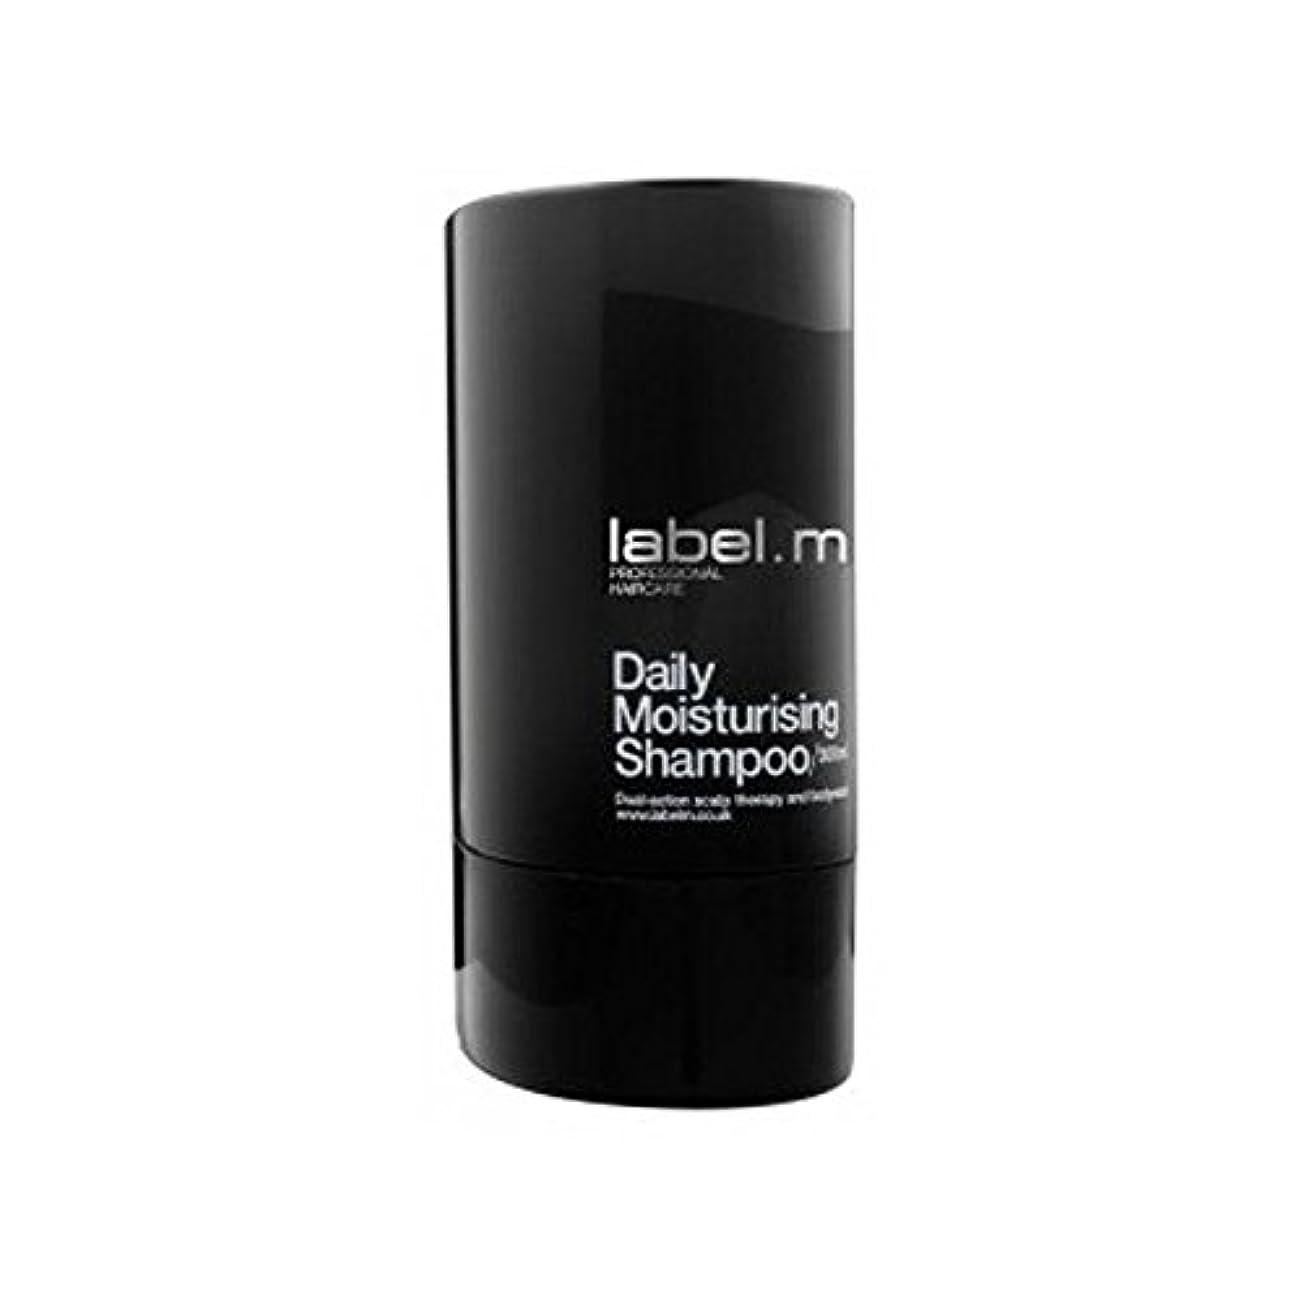 意気込み困惑した避けられないLabel.Men Daily Moisturising Shampoo (300ml) (Pack of 6) - .毎日保湿シャンプー(300ミリリットル) x6 [並行輸入品]